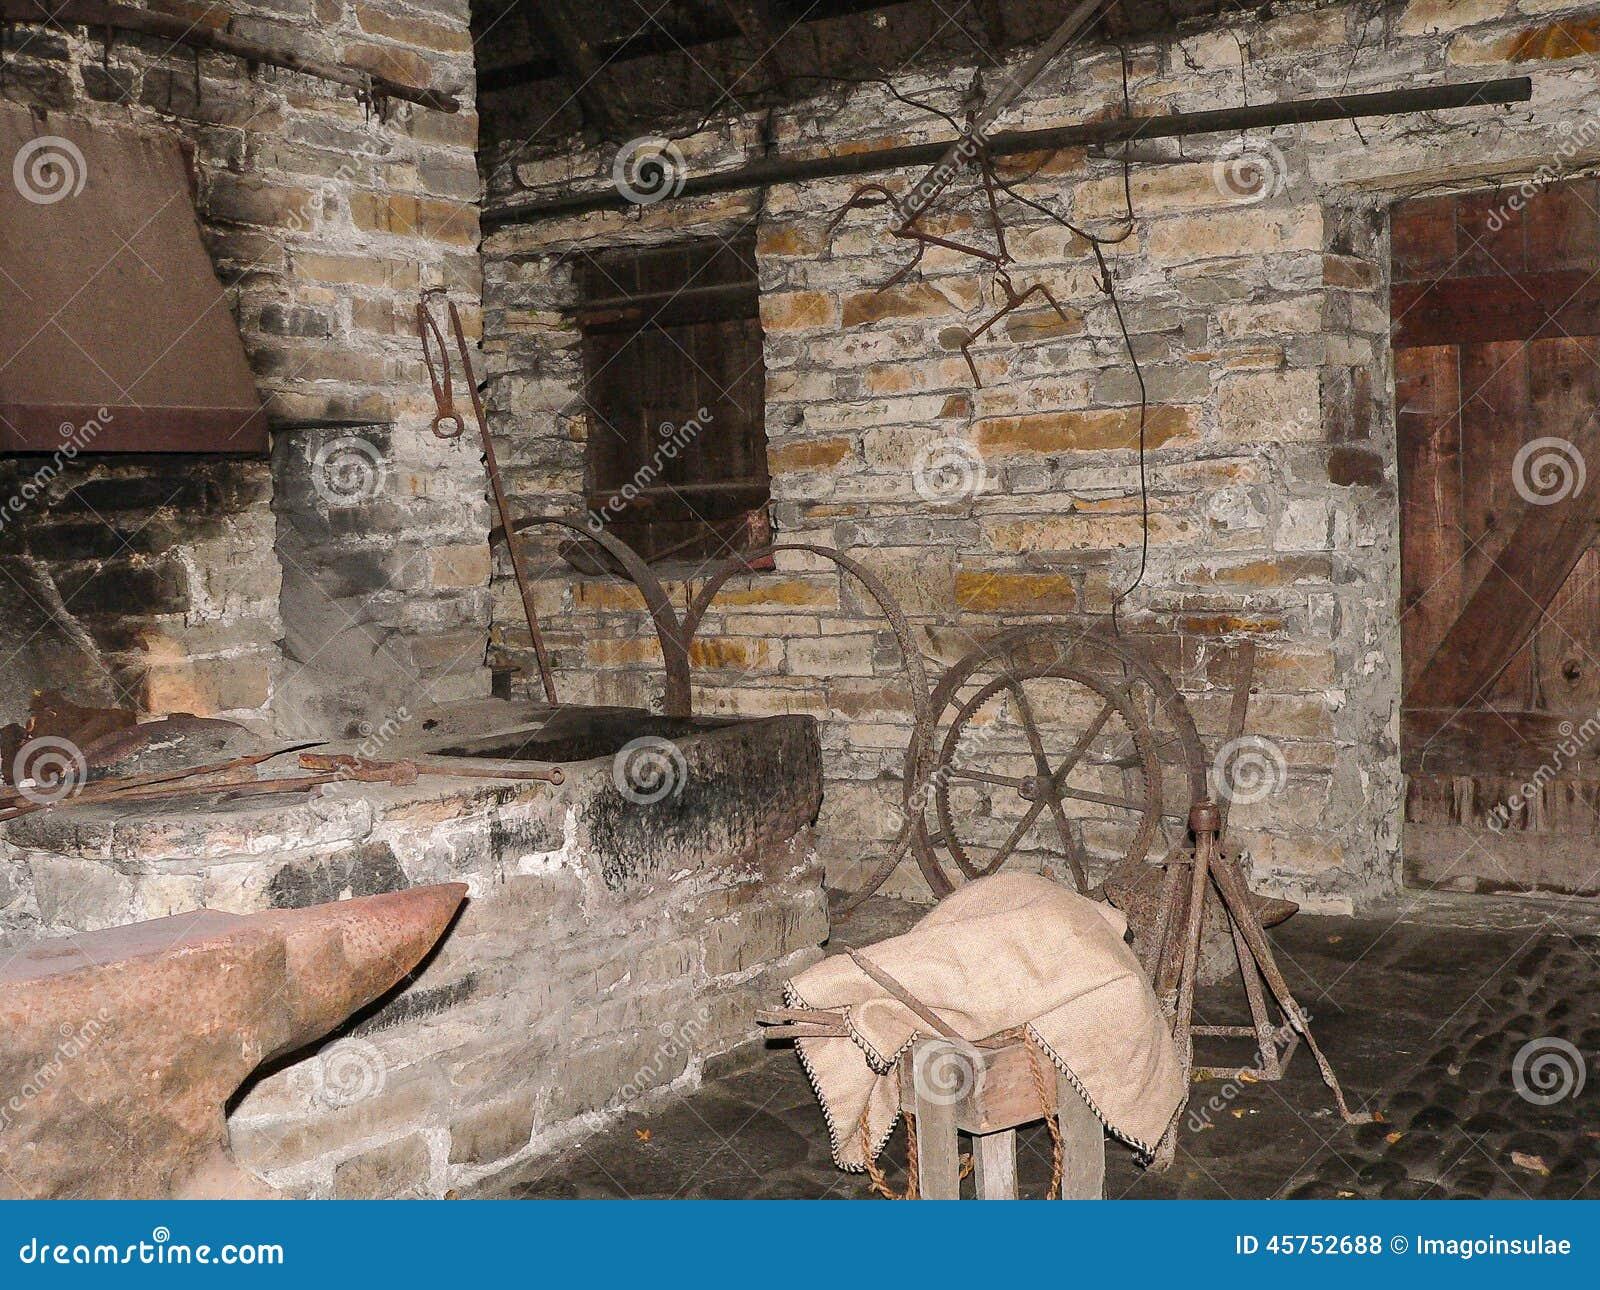 Old Smithy Stock Photo Image 45752688